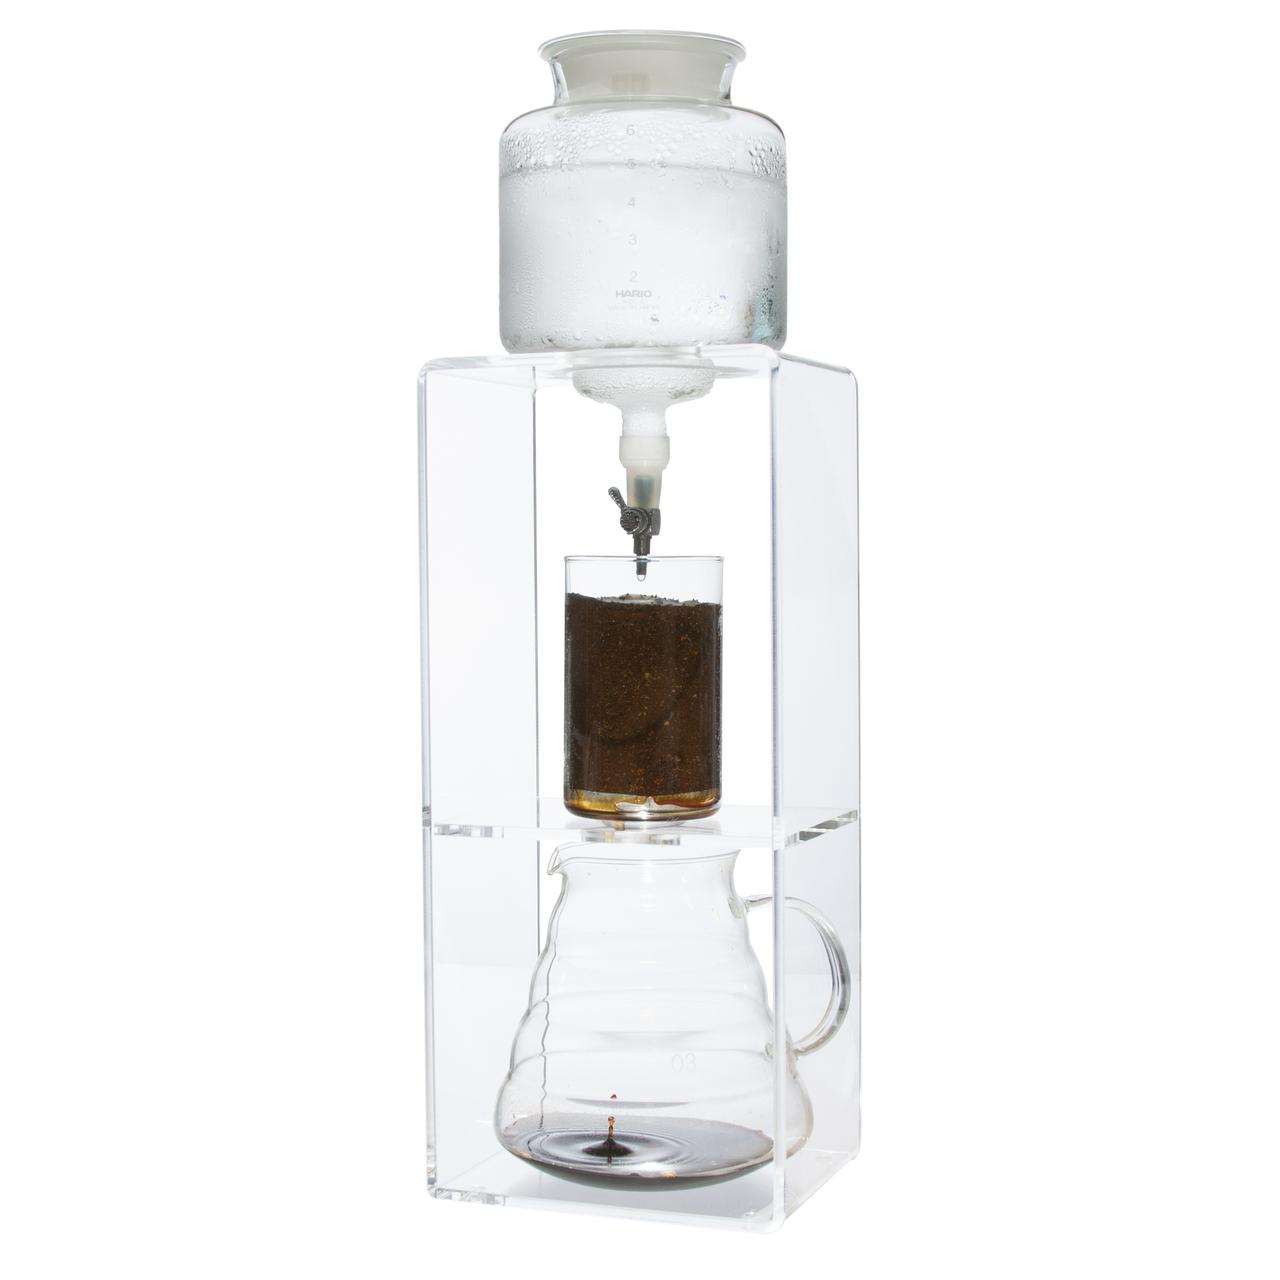 Cafetera Cold Drip Hario